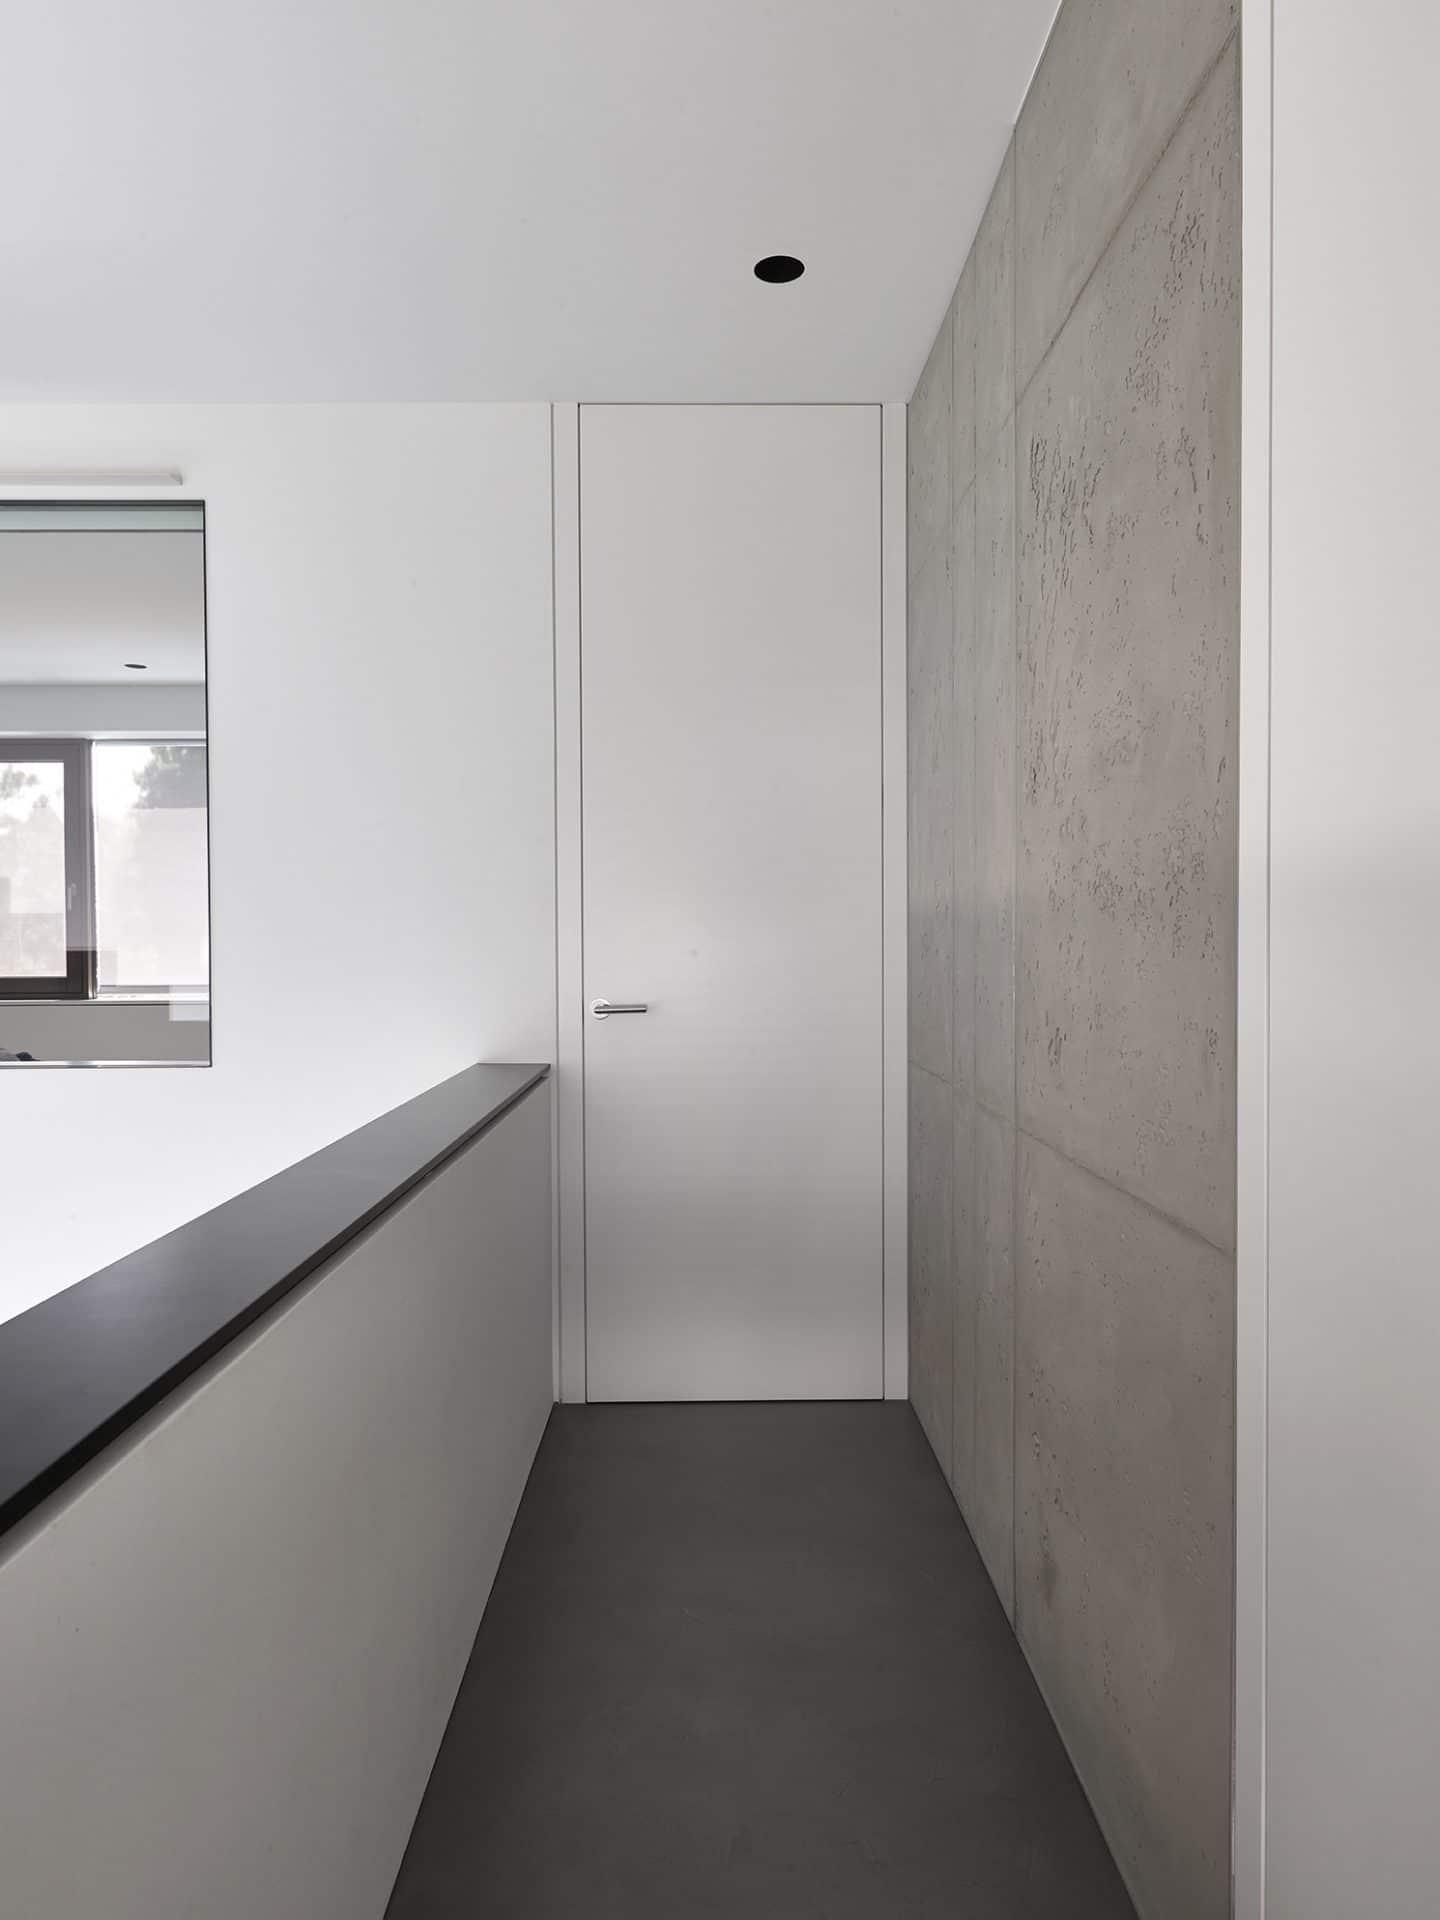 Küchendesign von VOIT aus geräucherter Eiche, Beton und Edelstahl - Gallery mit Wänden aus Beton und weißer Brüstung